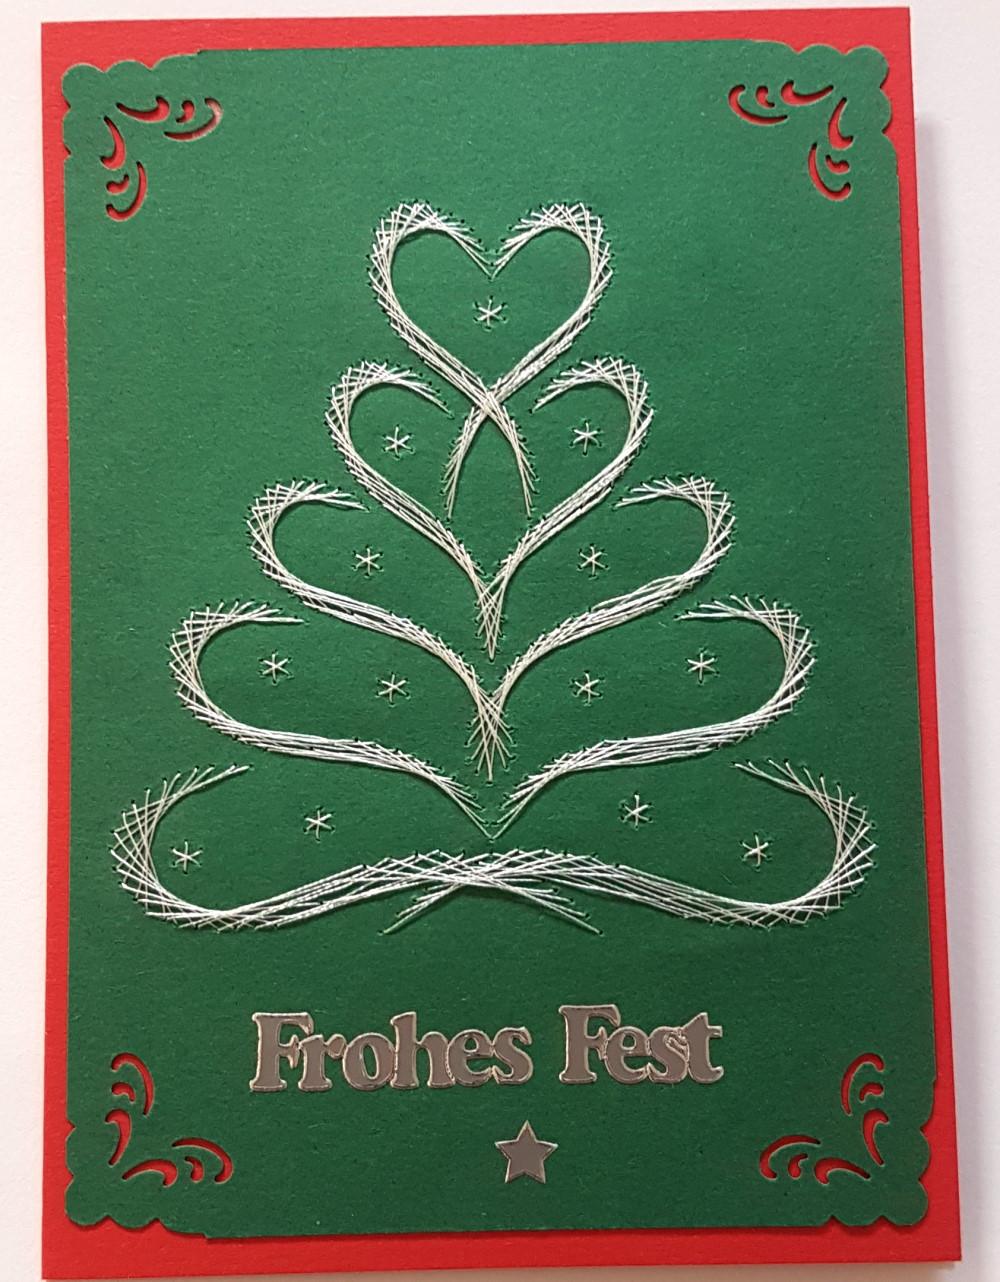 weihnachts gru karten kostenlos versenden boulangerie. Black Bedroom Furniture Sets. Home Design Ideas